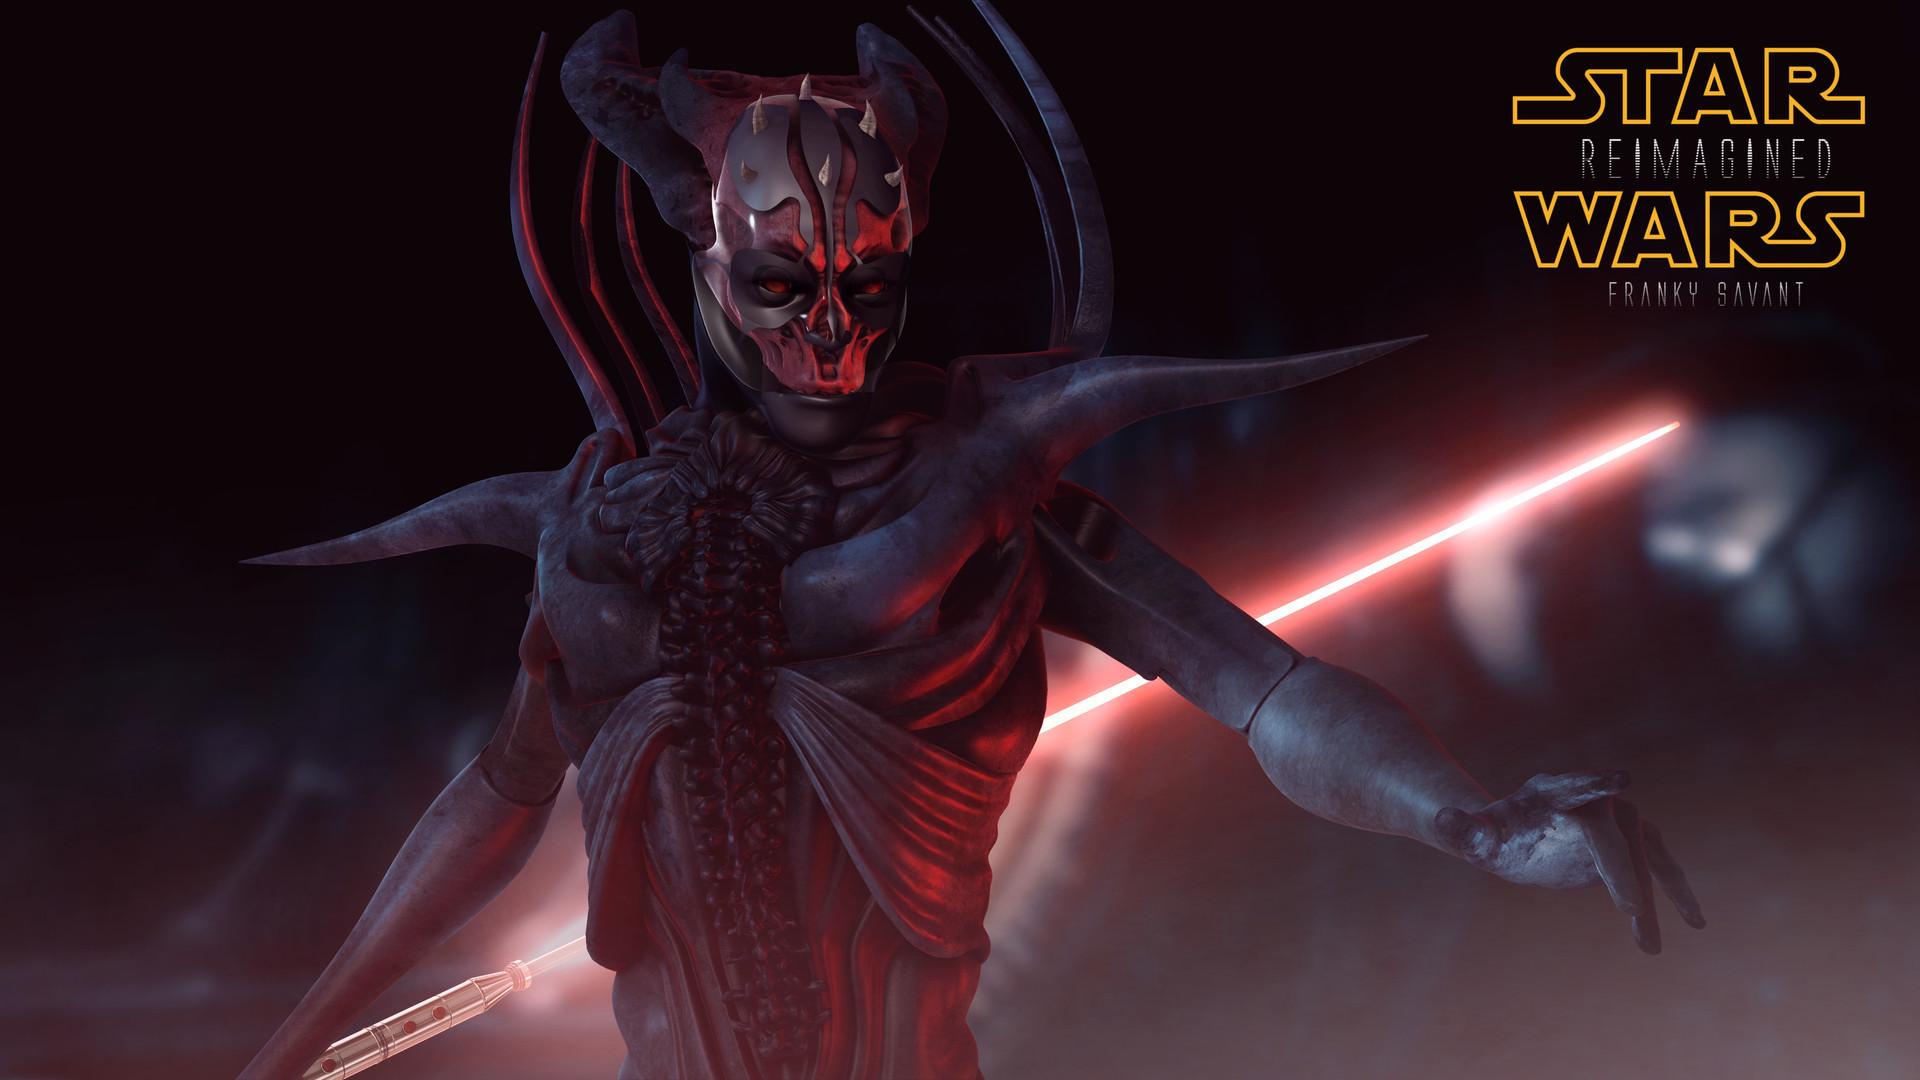 Thread: Star Wars Reimagined Darth Maul H.R. Style